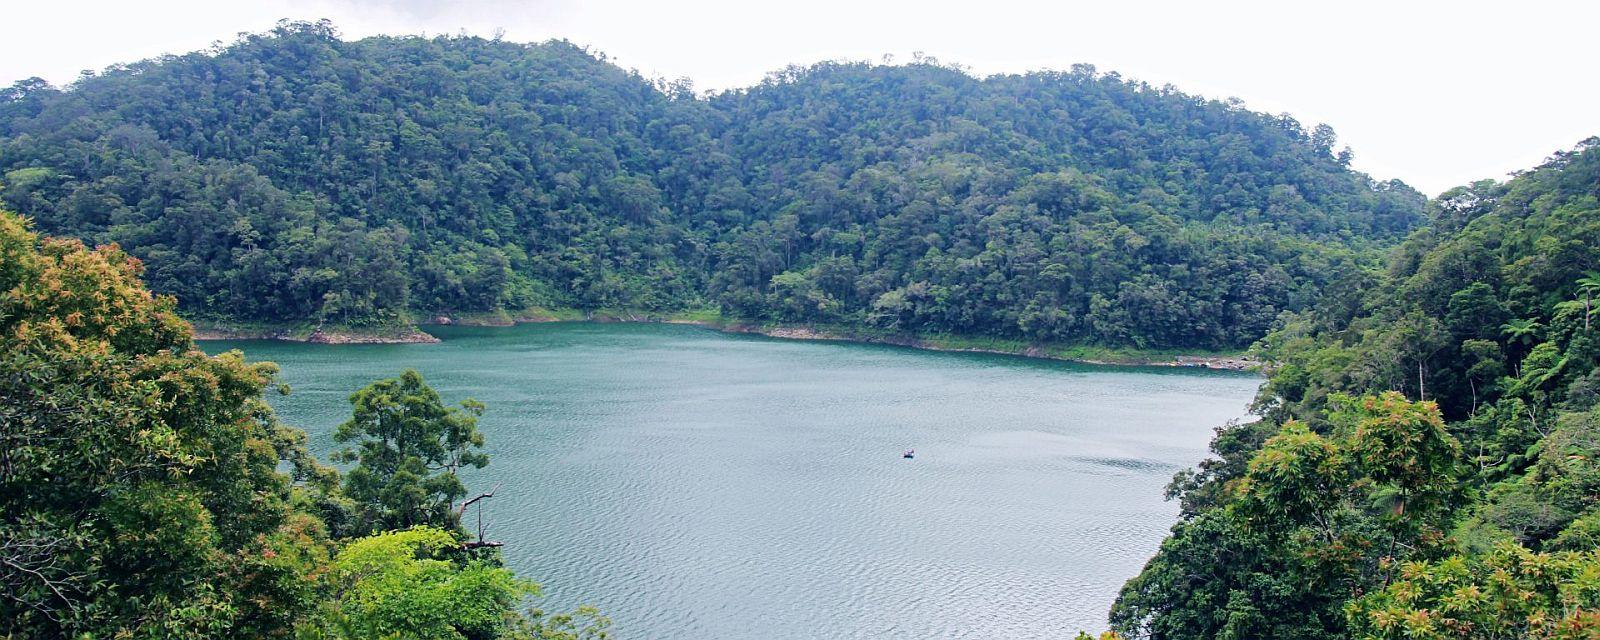 PHILIPPINEN REISEN - SEEN - Touristische Beschreibung für den See Balinsasayao und den See Danao